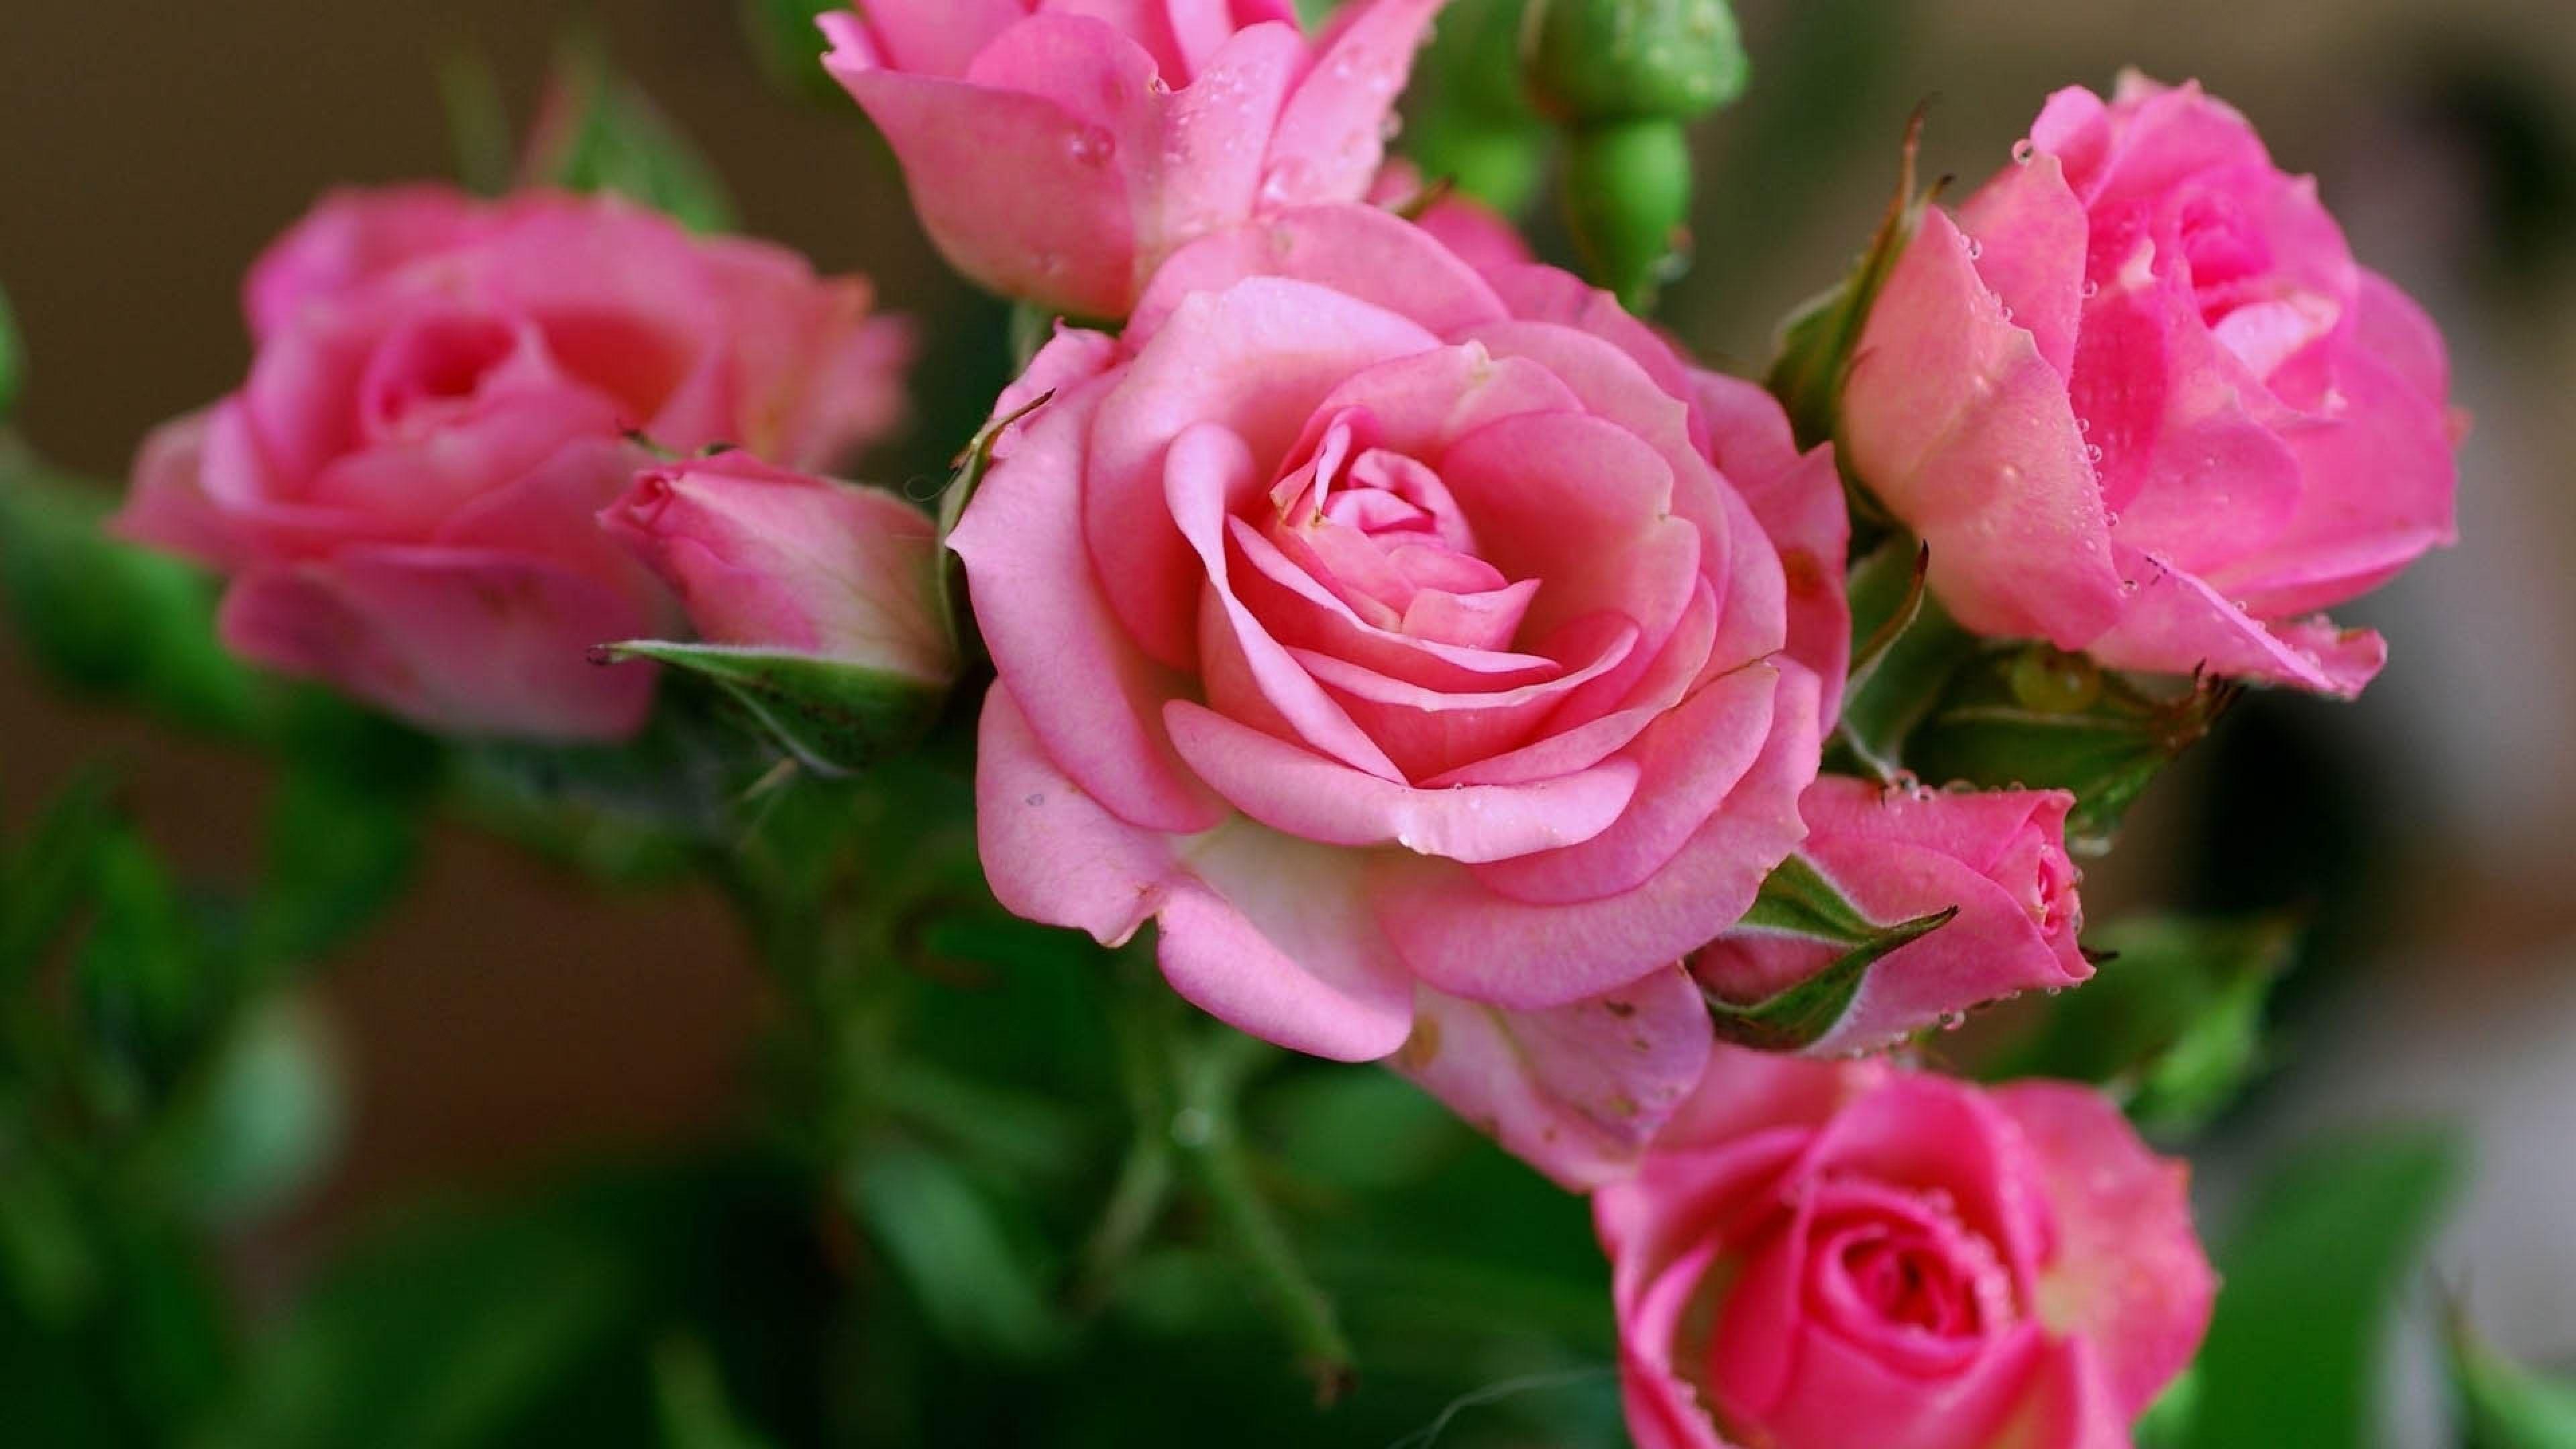 Flowers 4k ultra hd wallpaper wallpaper 3840x2160 rose pink flowers 4k ultra hd wallpaper wallpaper 3840x2160 rose pink flowers bouquet 4k dhlflorist Images